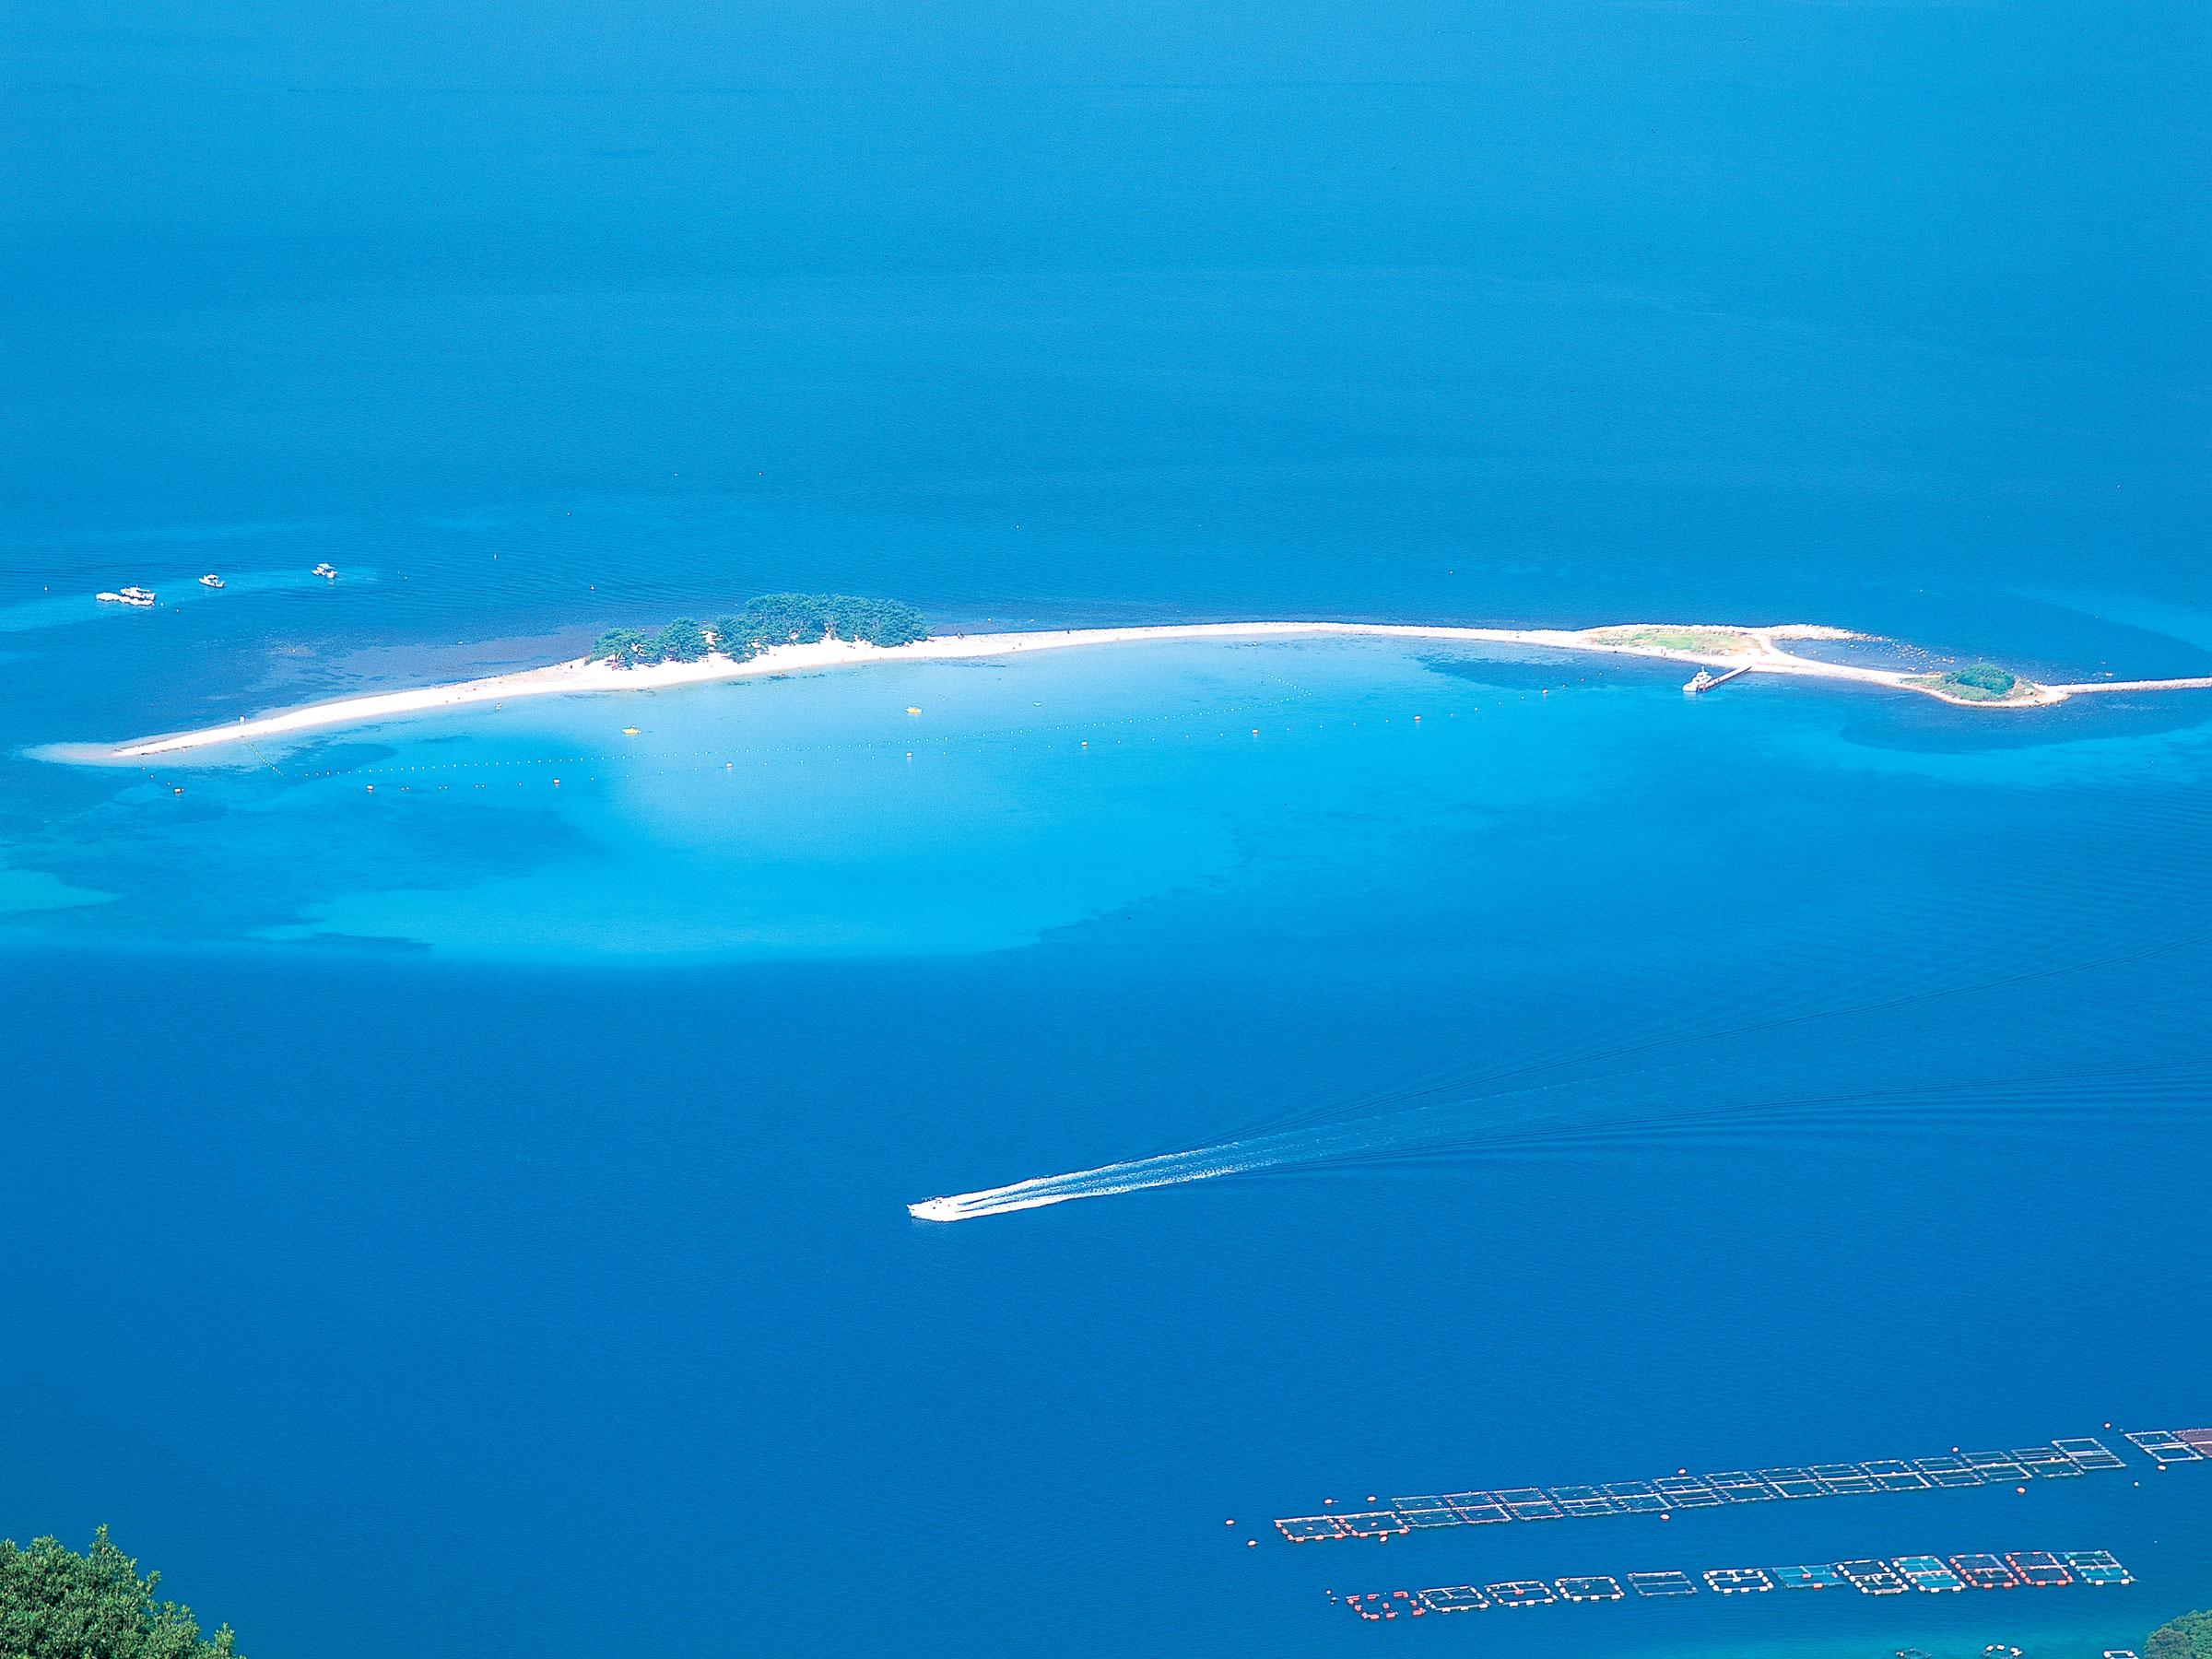 【福井県】夏の絶景・風物詩5選 北陸のハワイと呼ばれる青海に浮ぶ島